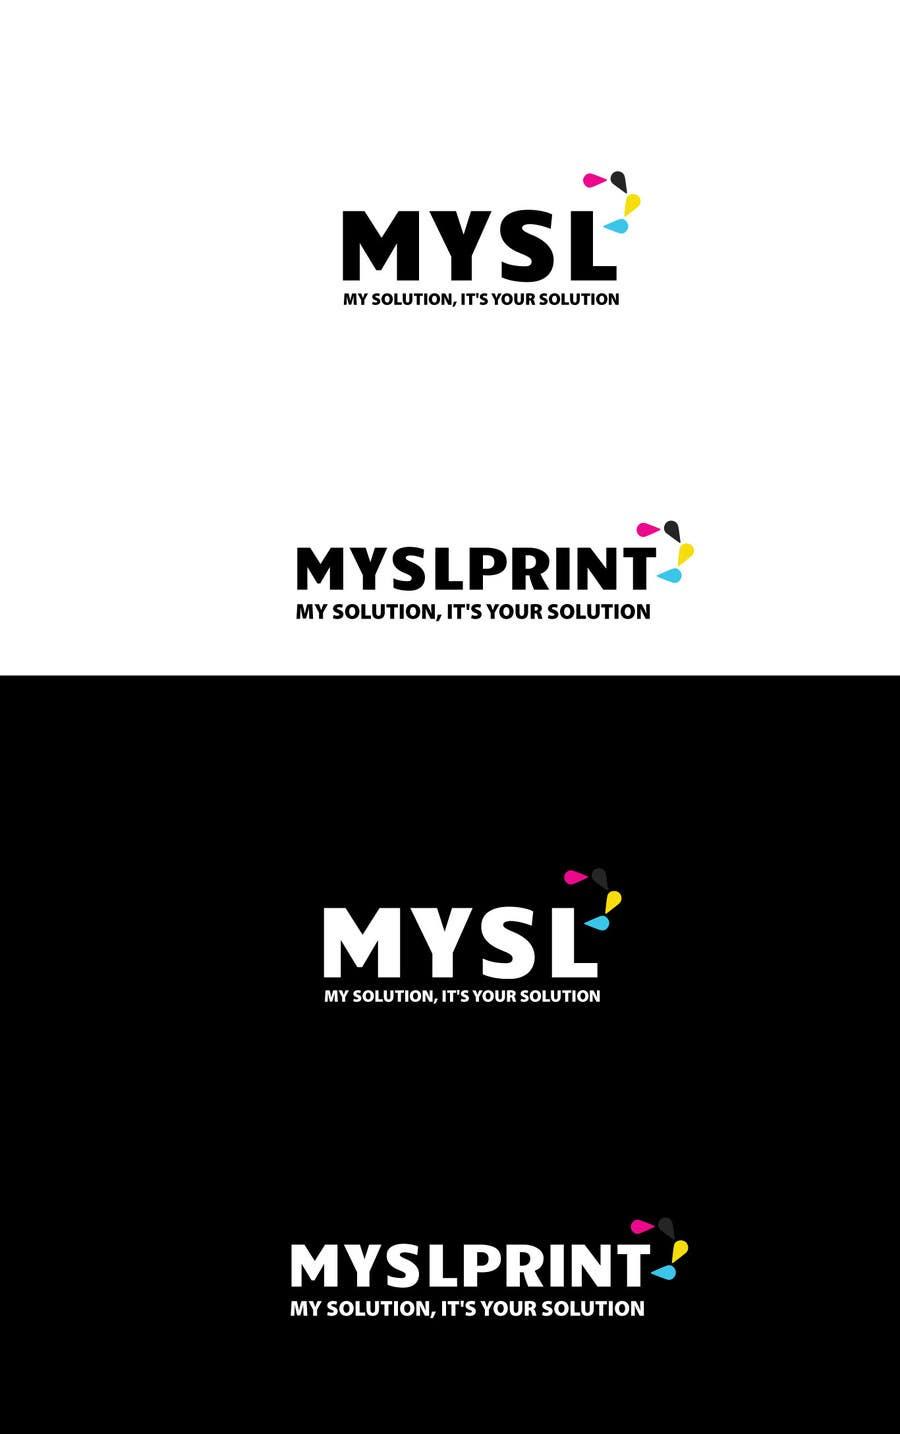 """Bài tham dự cuộc thi #24 cho Design a Logo for PRINTING company """"MYSLprint"""""""